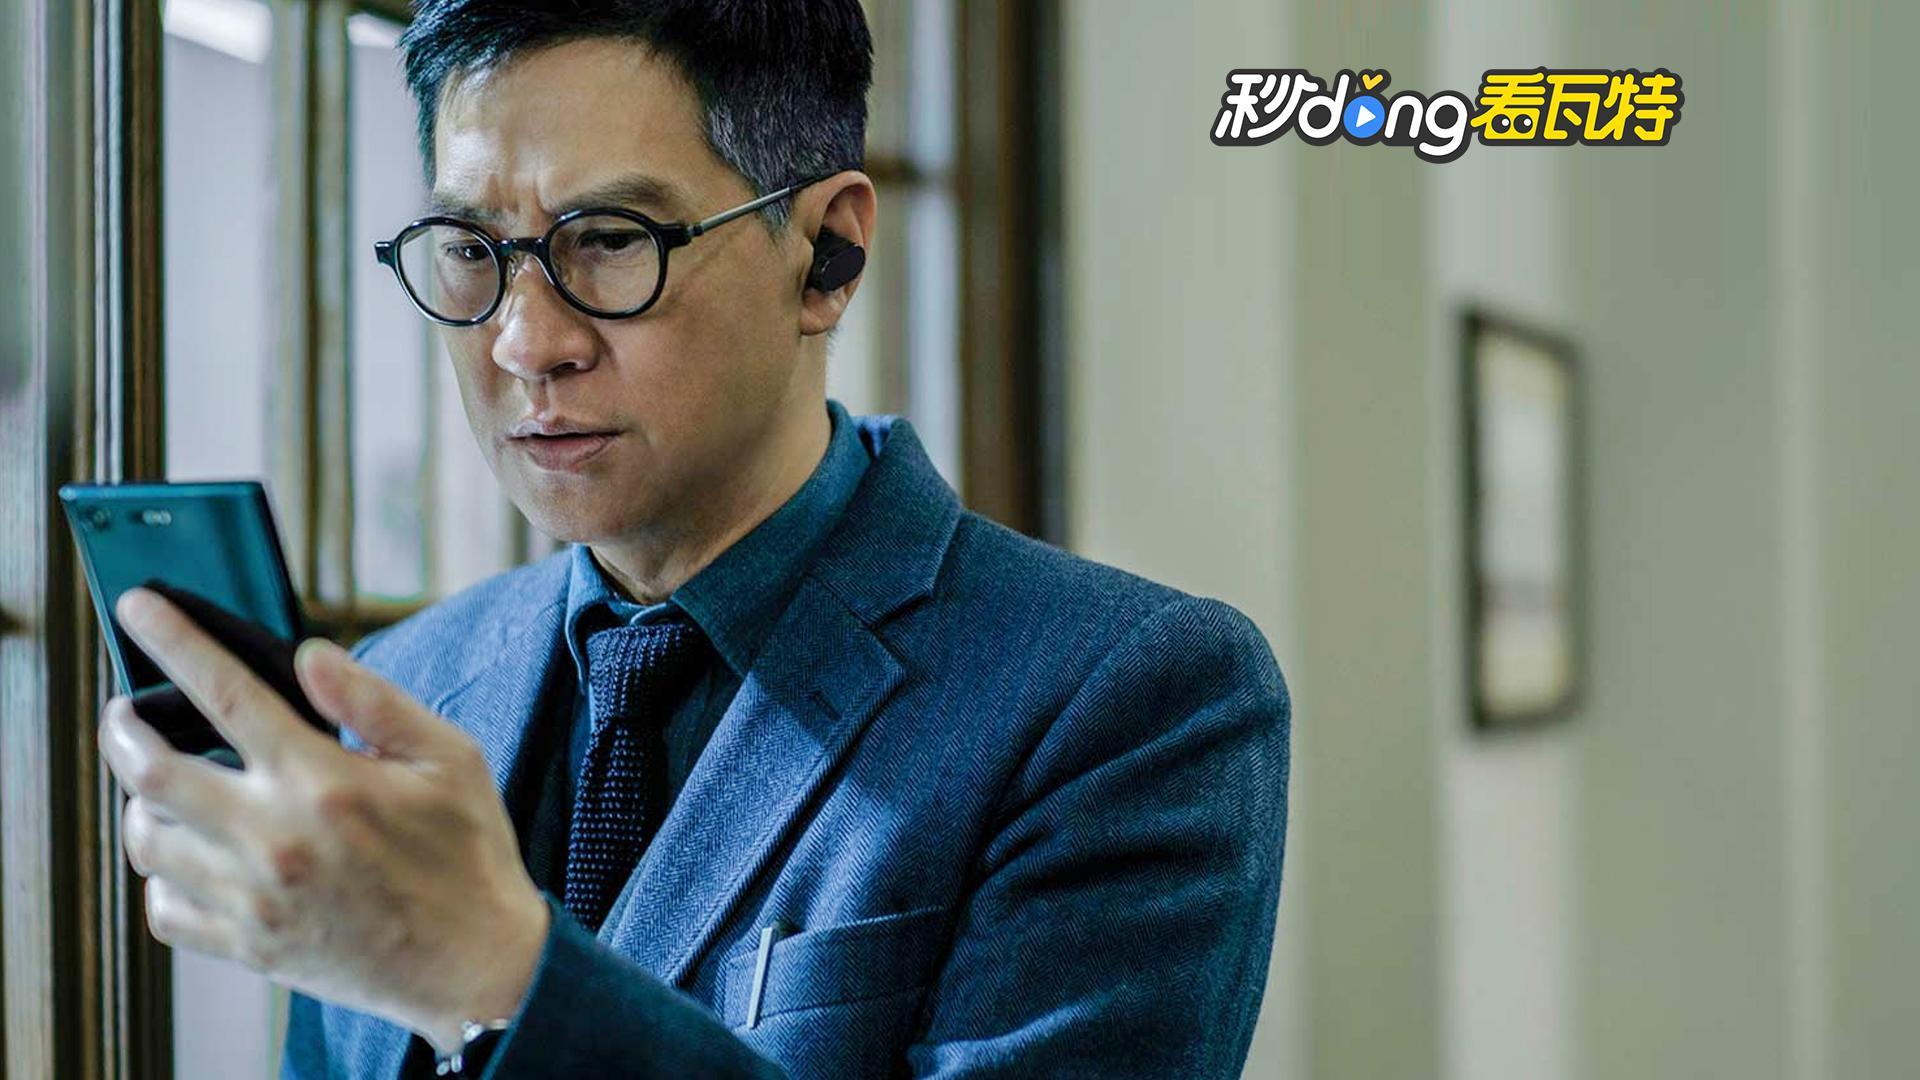 《催眠·裁决》张家辉再现神演技,现场催眠陪审团